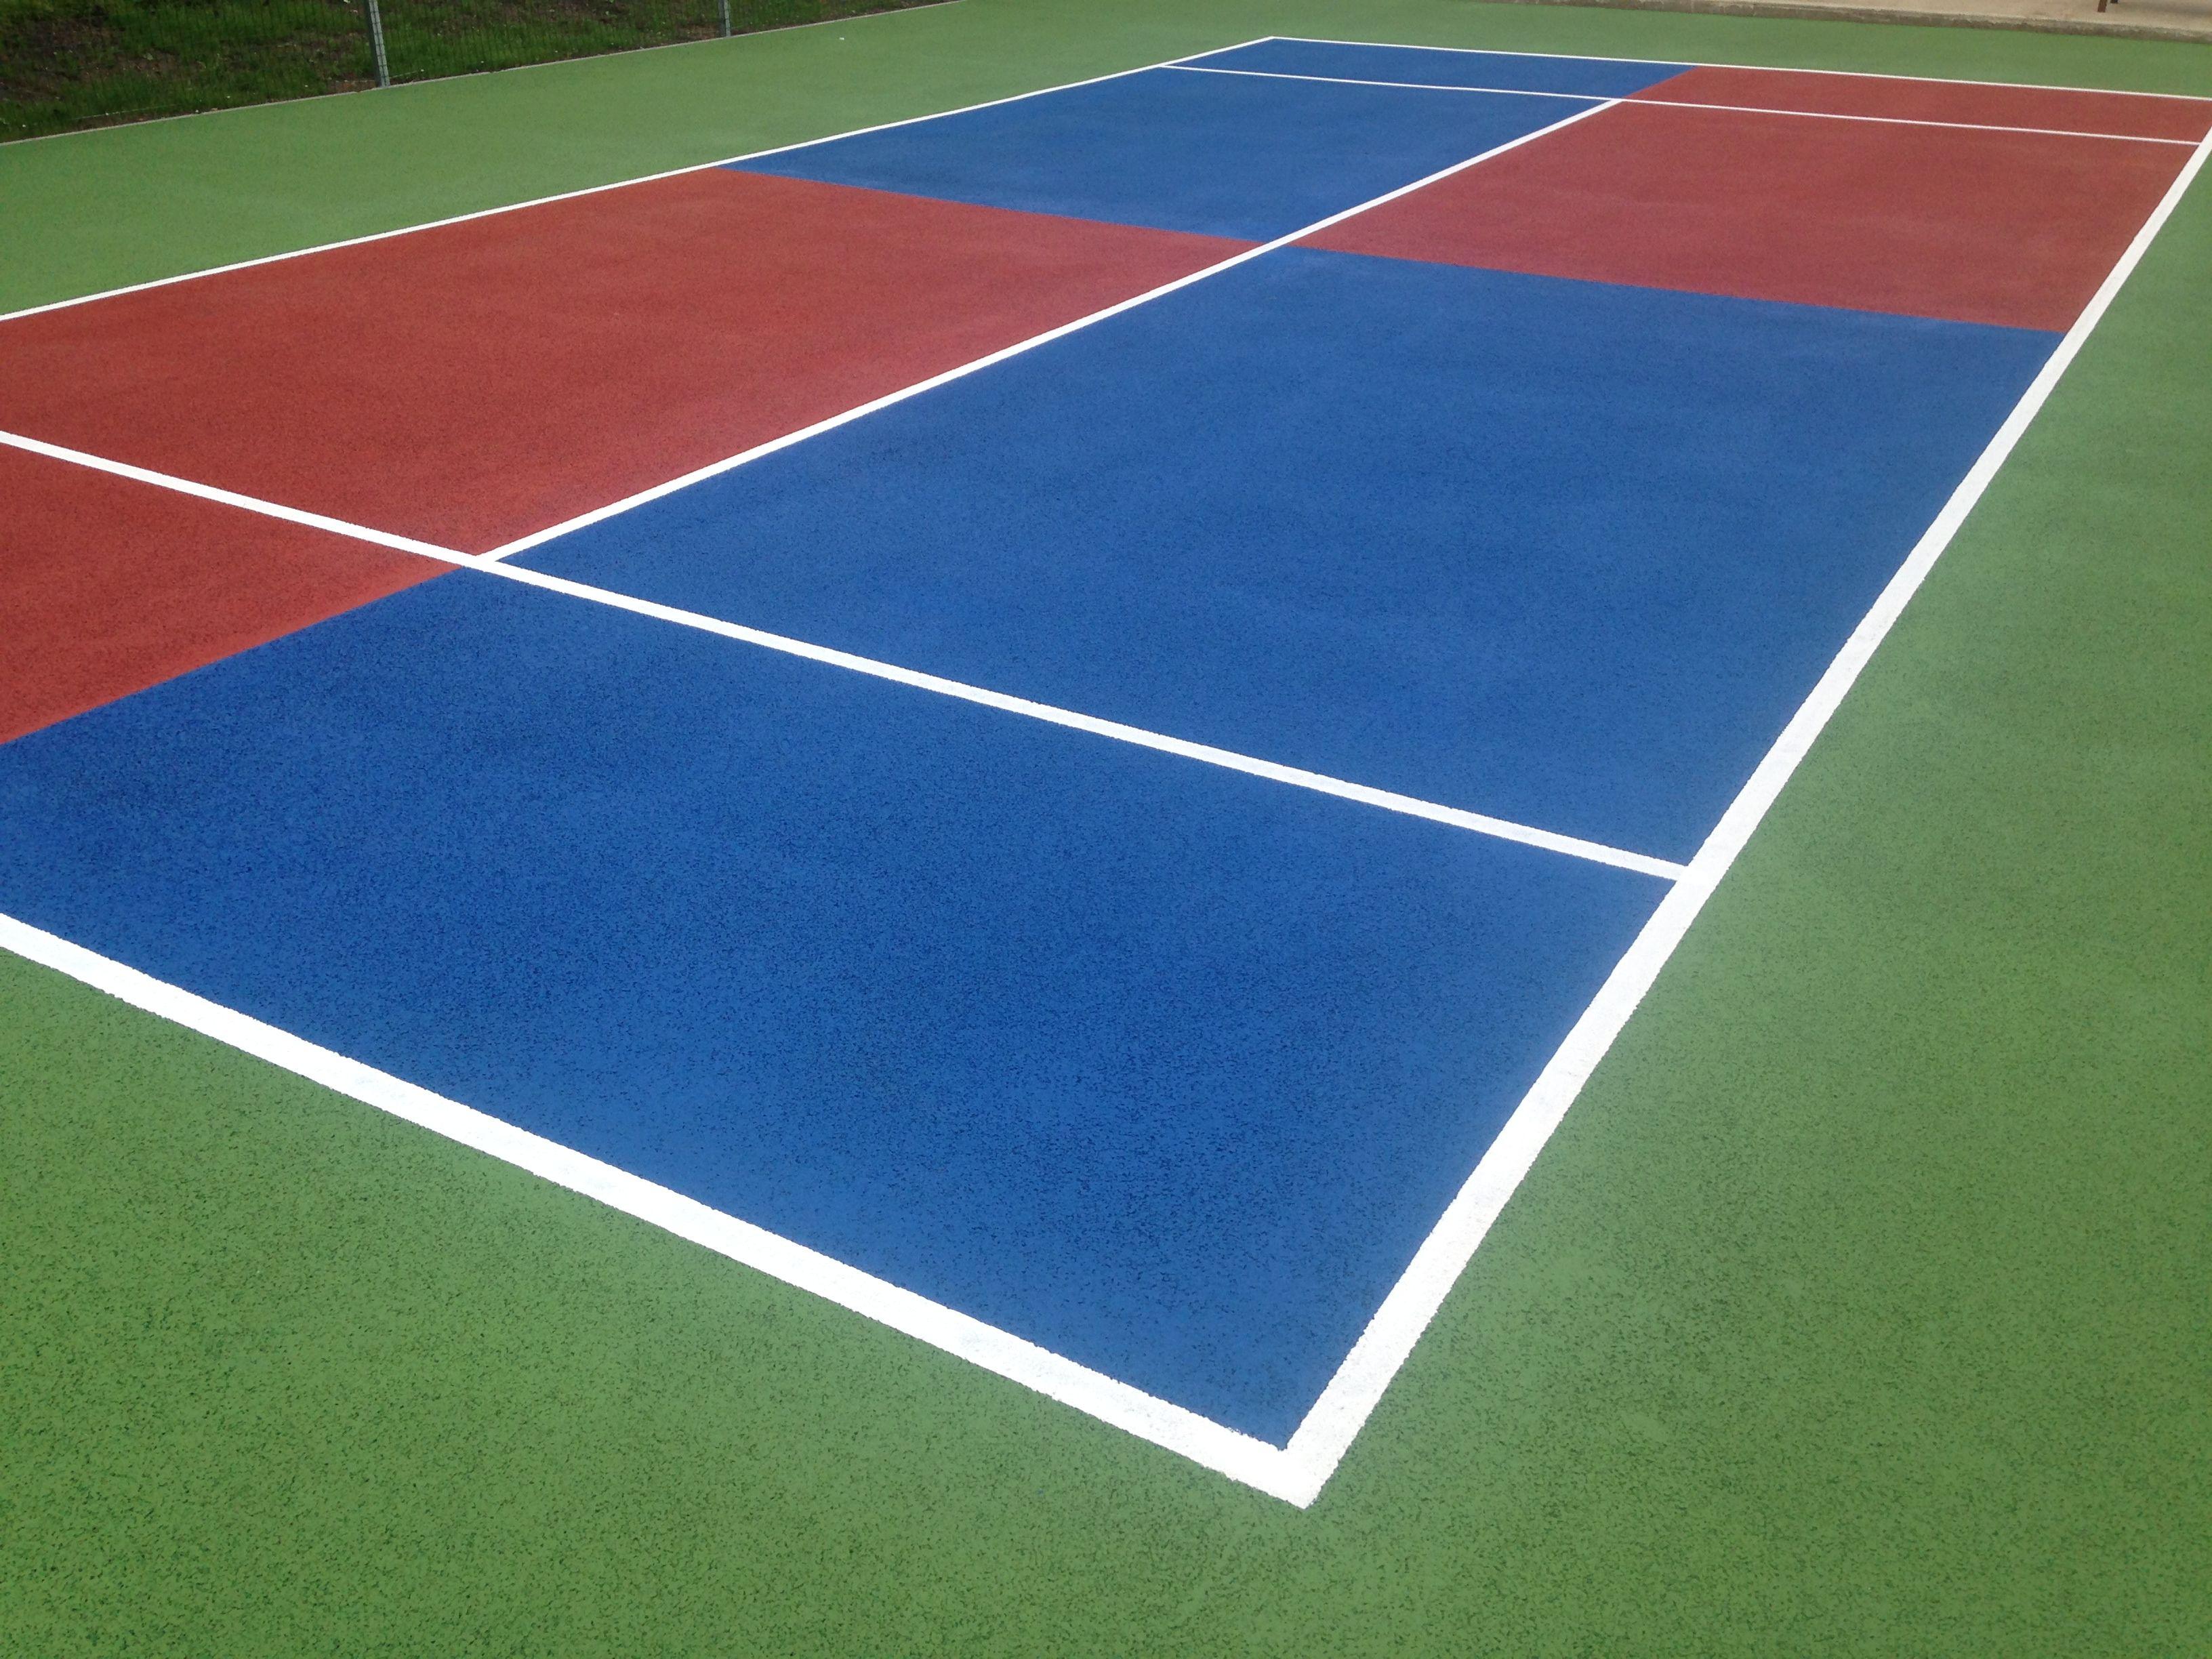 #tenniscourtbinder